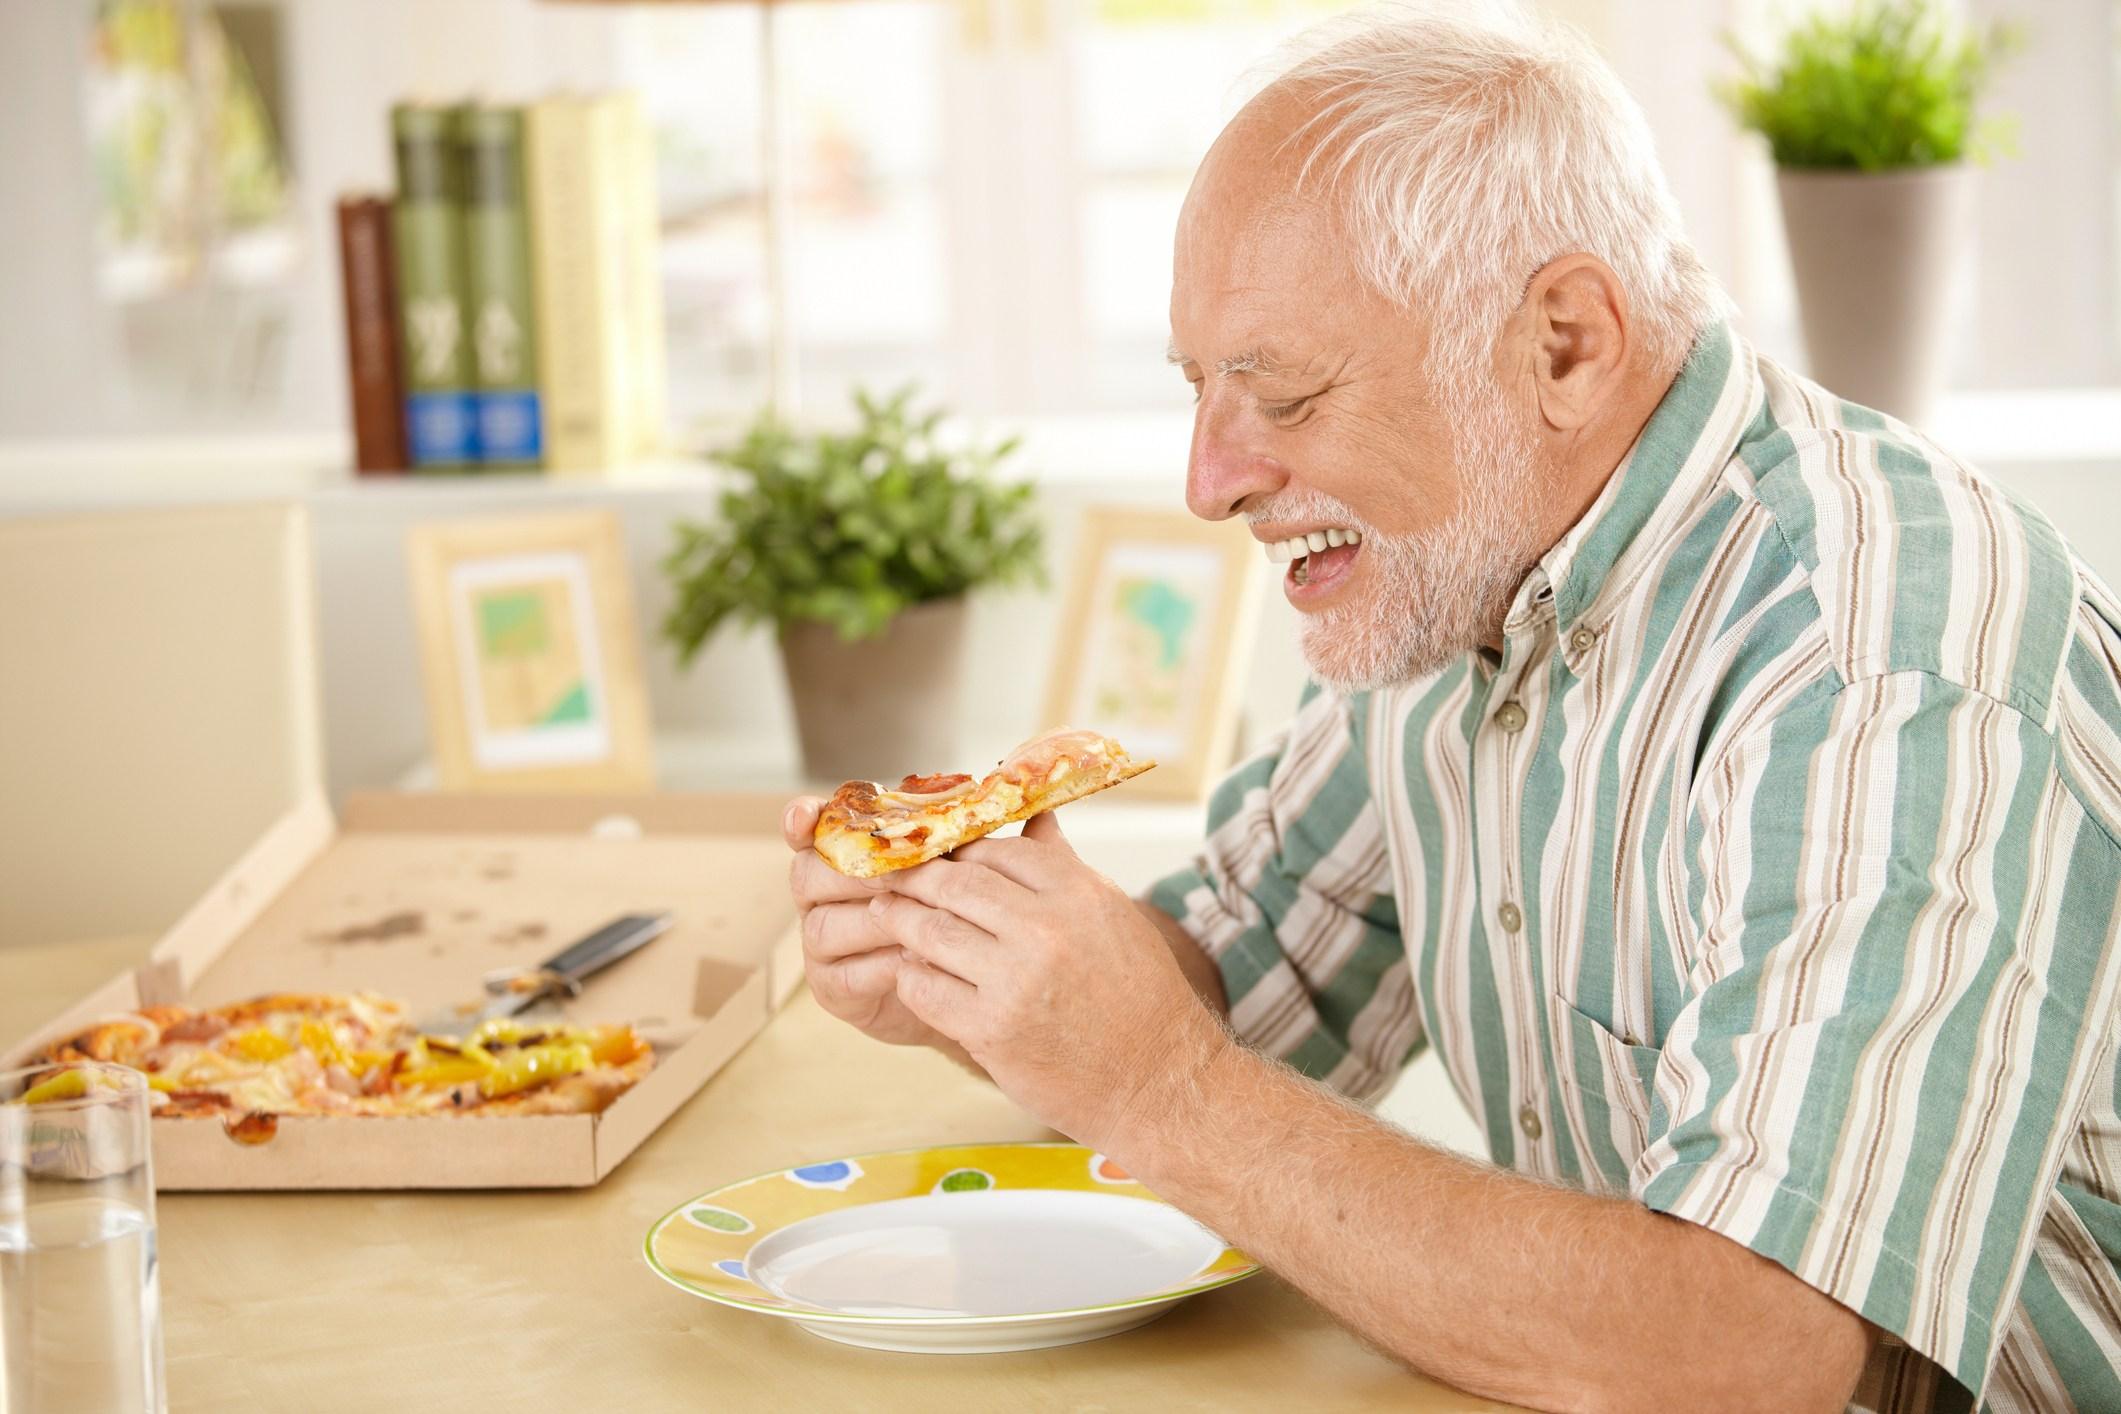 Smiling older man eating pizza